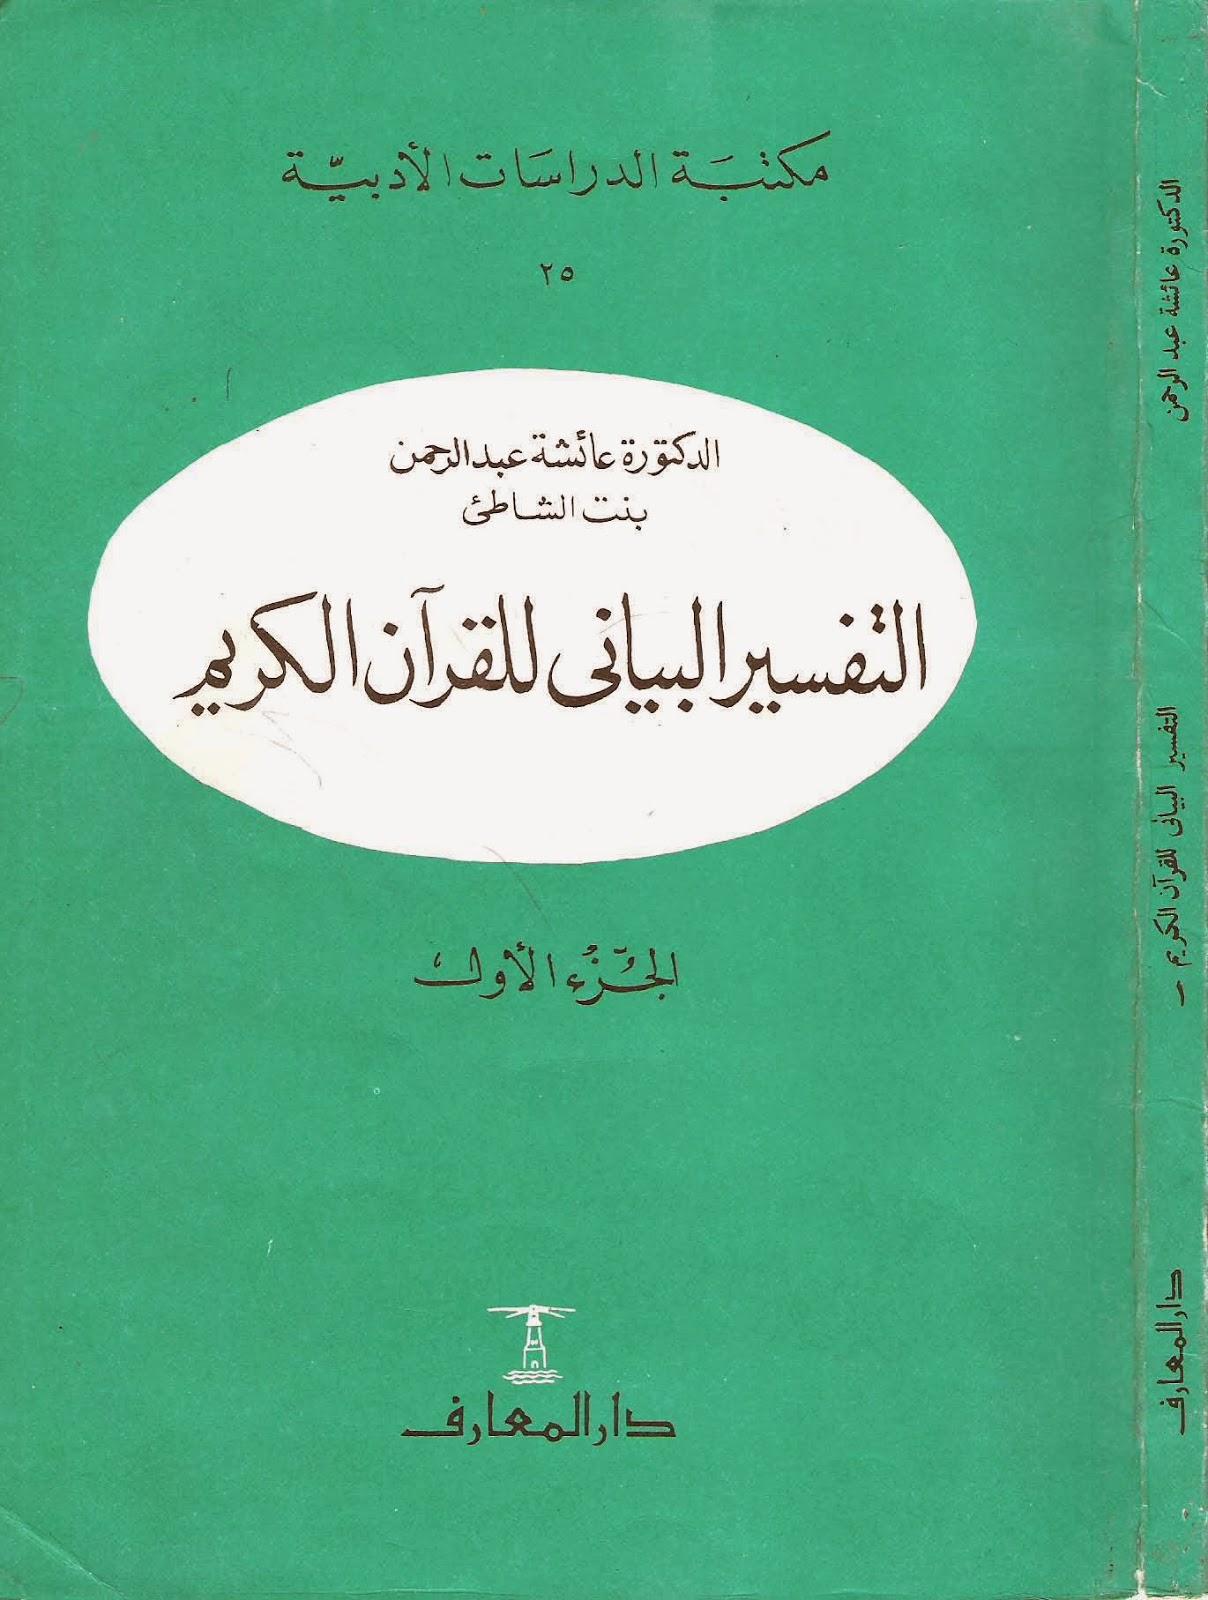 التفسير البياني للقرآن الكريم - عائشة بنت الشاطئ